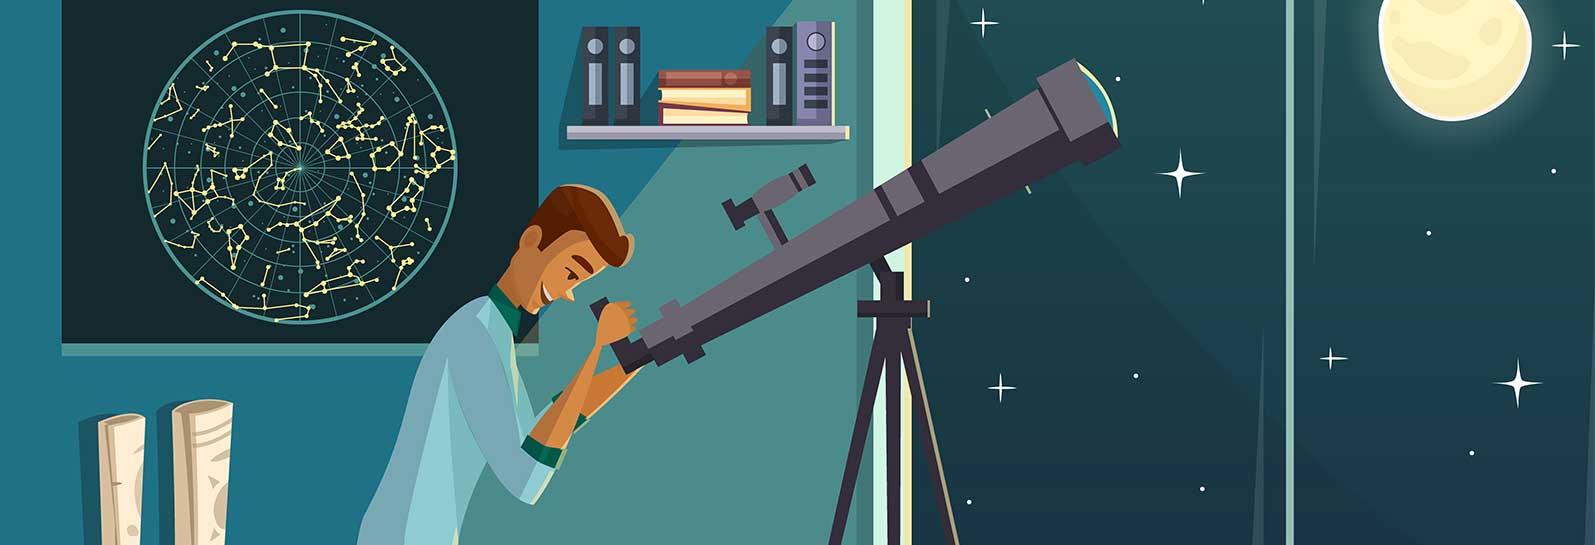 بهترین تلسکوپ-عکس شماره 1